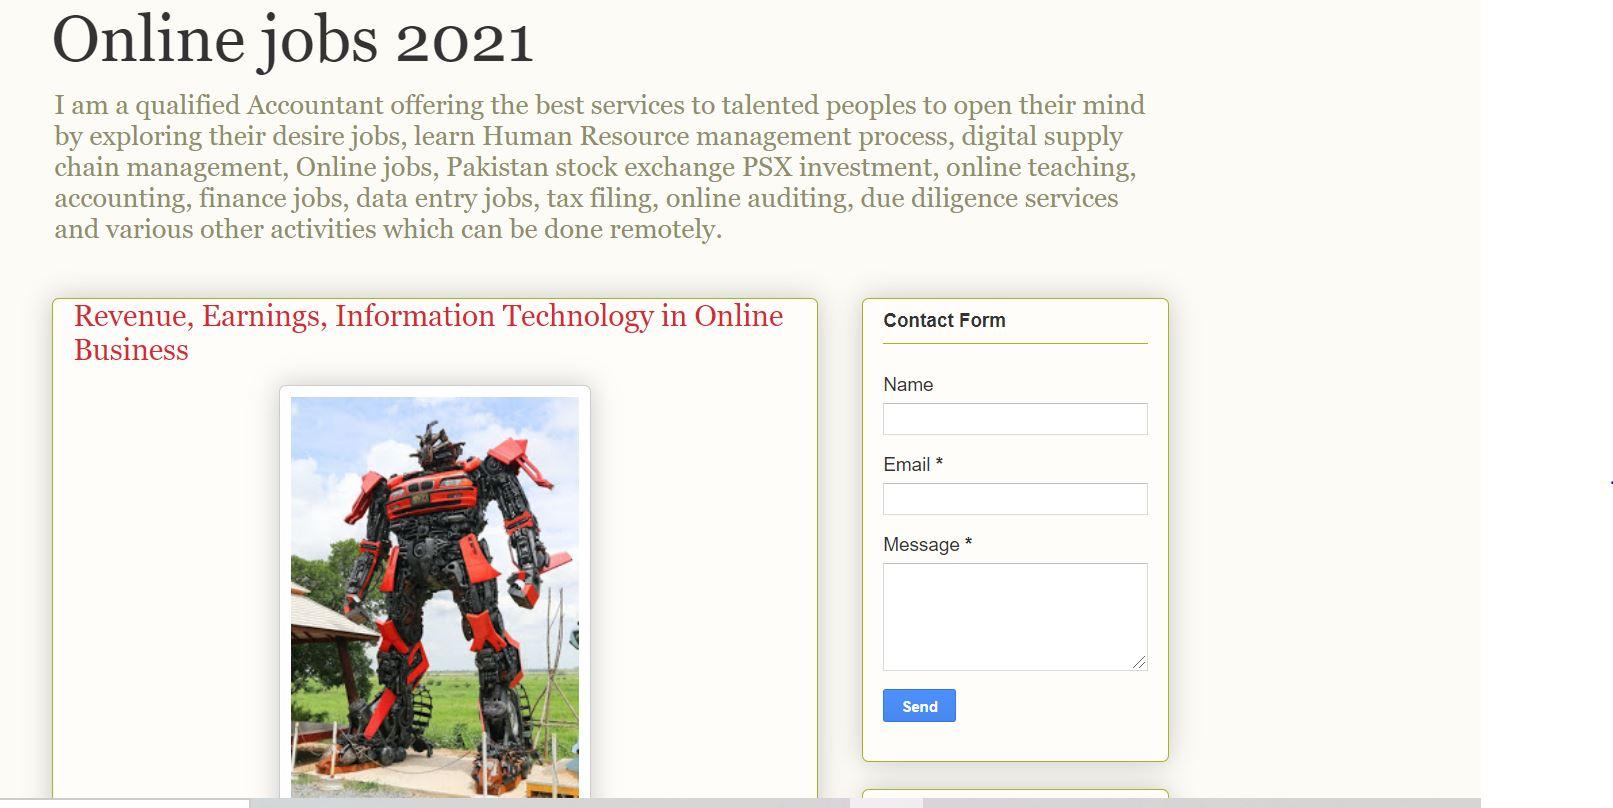 Online jobs 2021